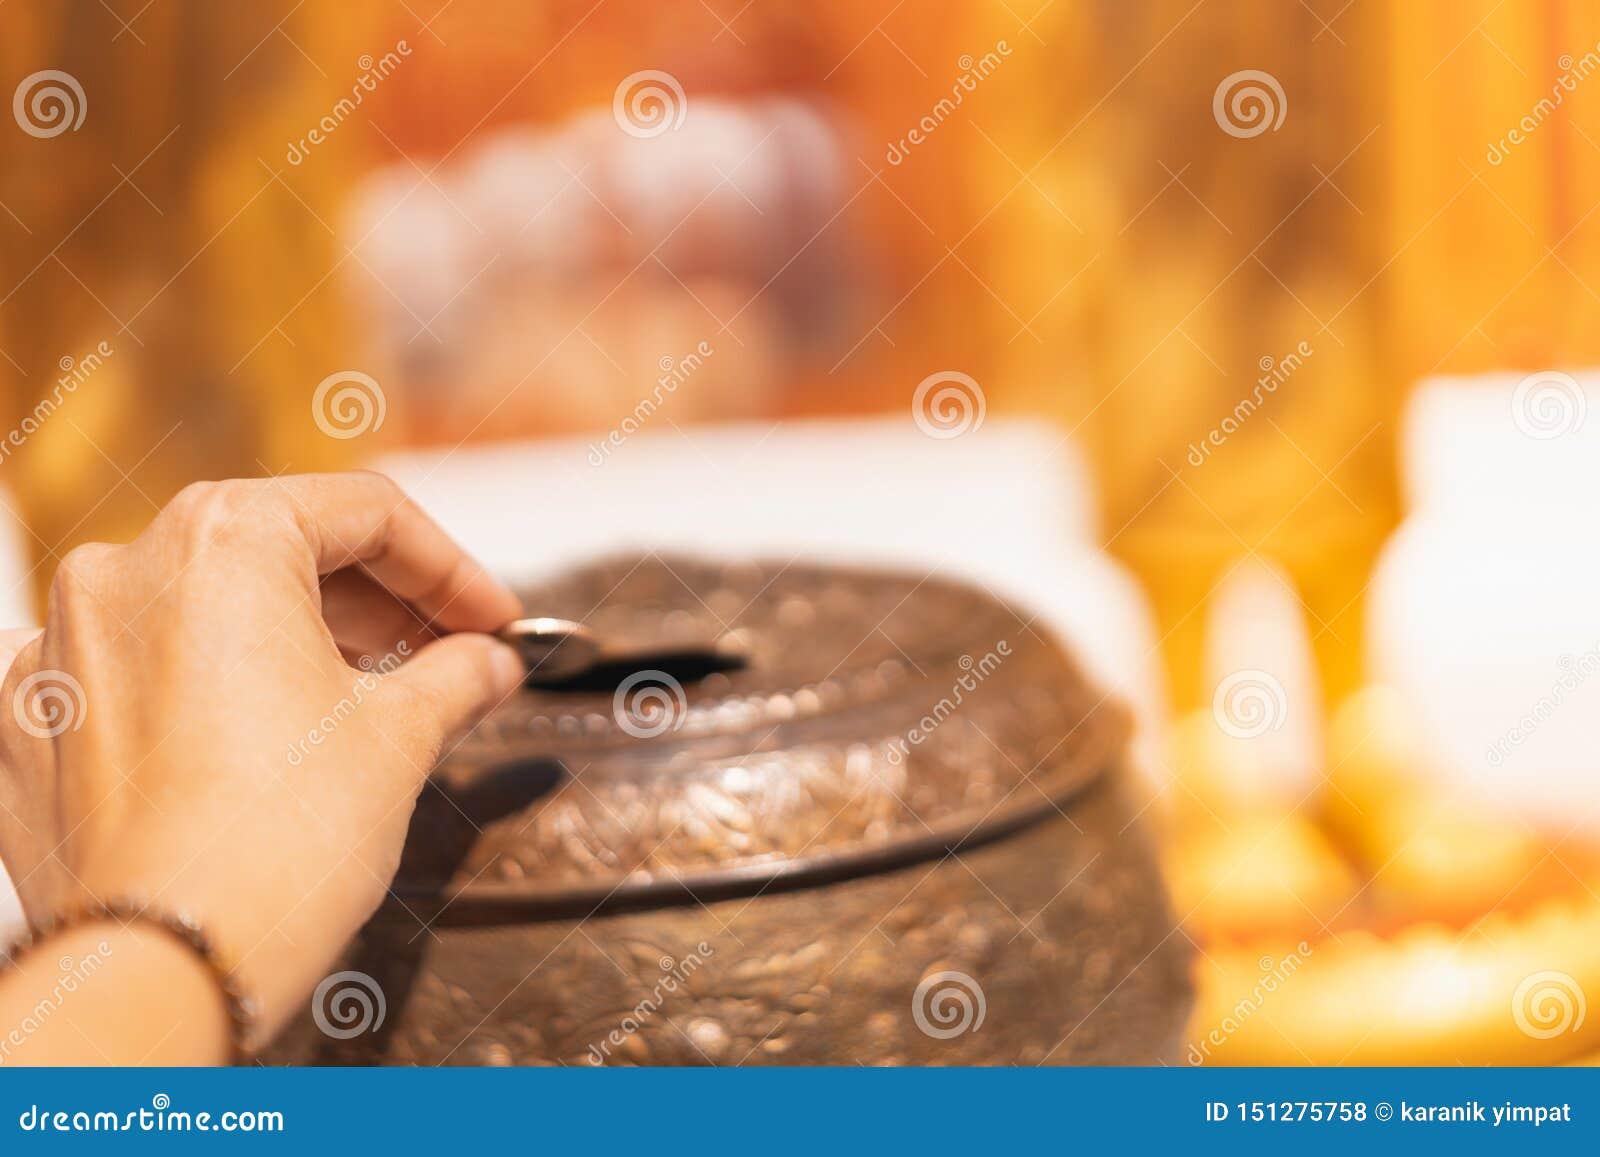 Pièce de monnaie d insertion de main pour faire le mérite, foyer sélectif